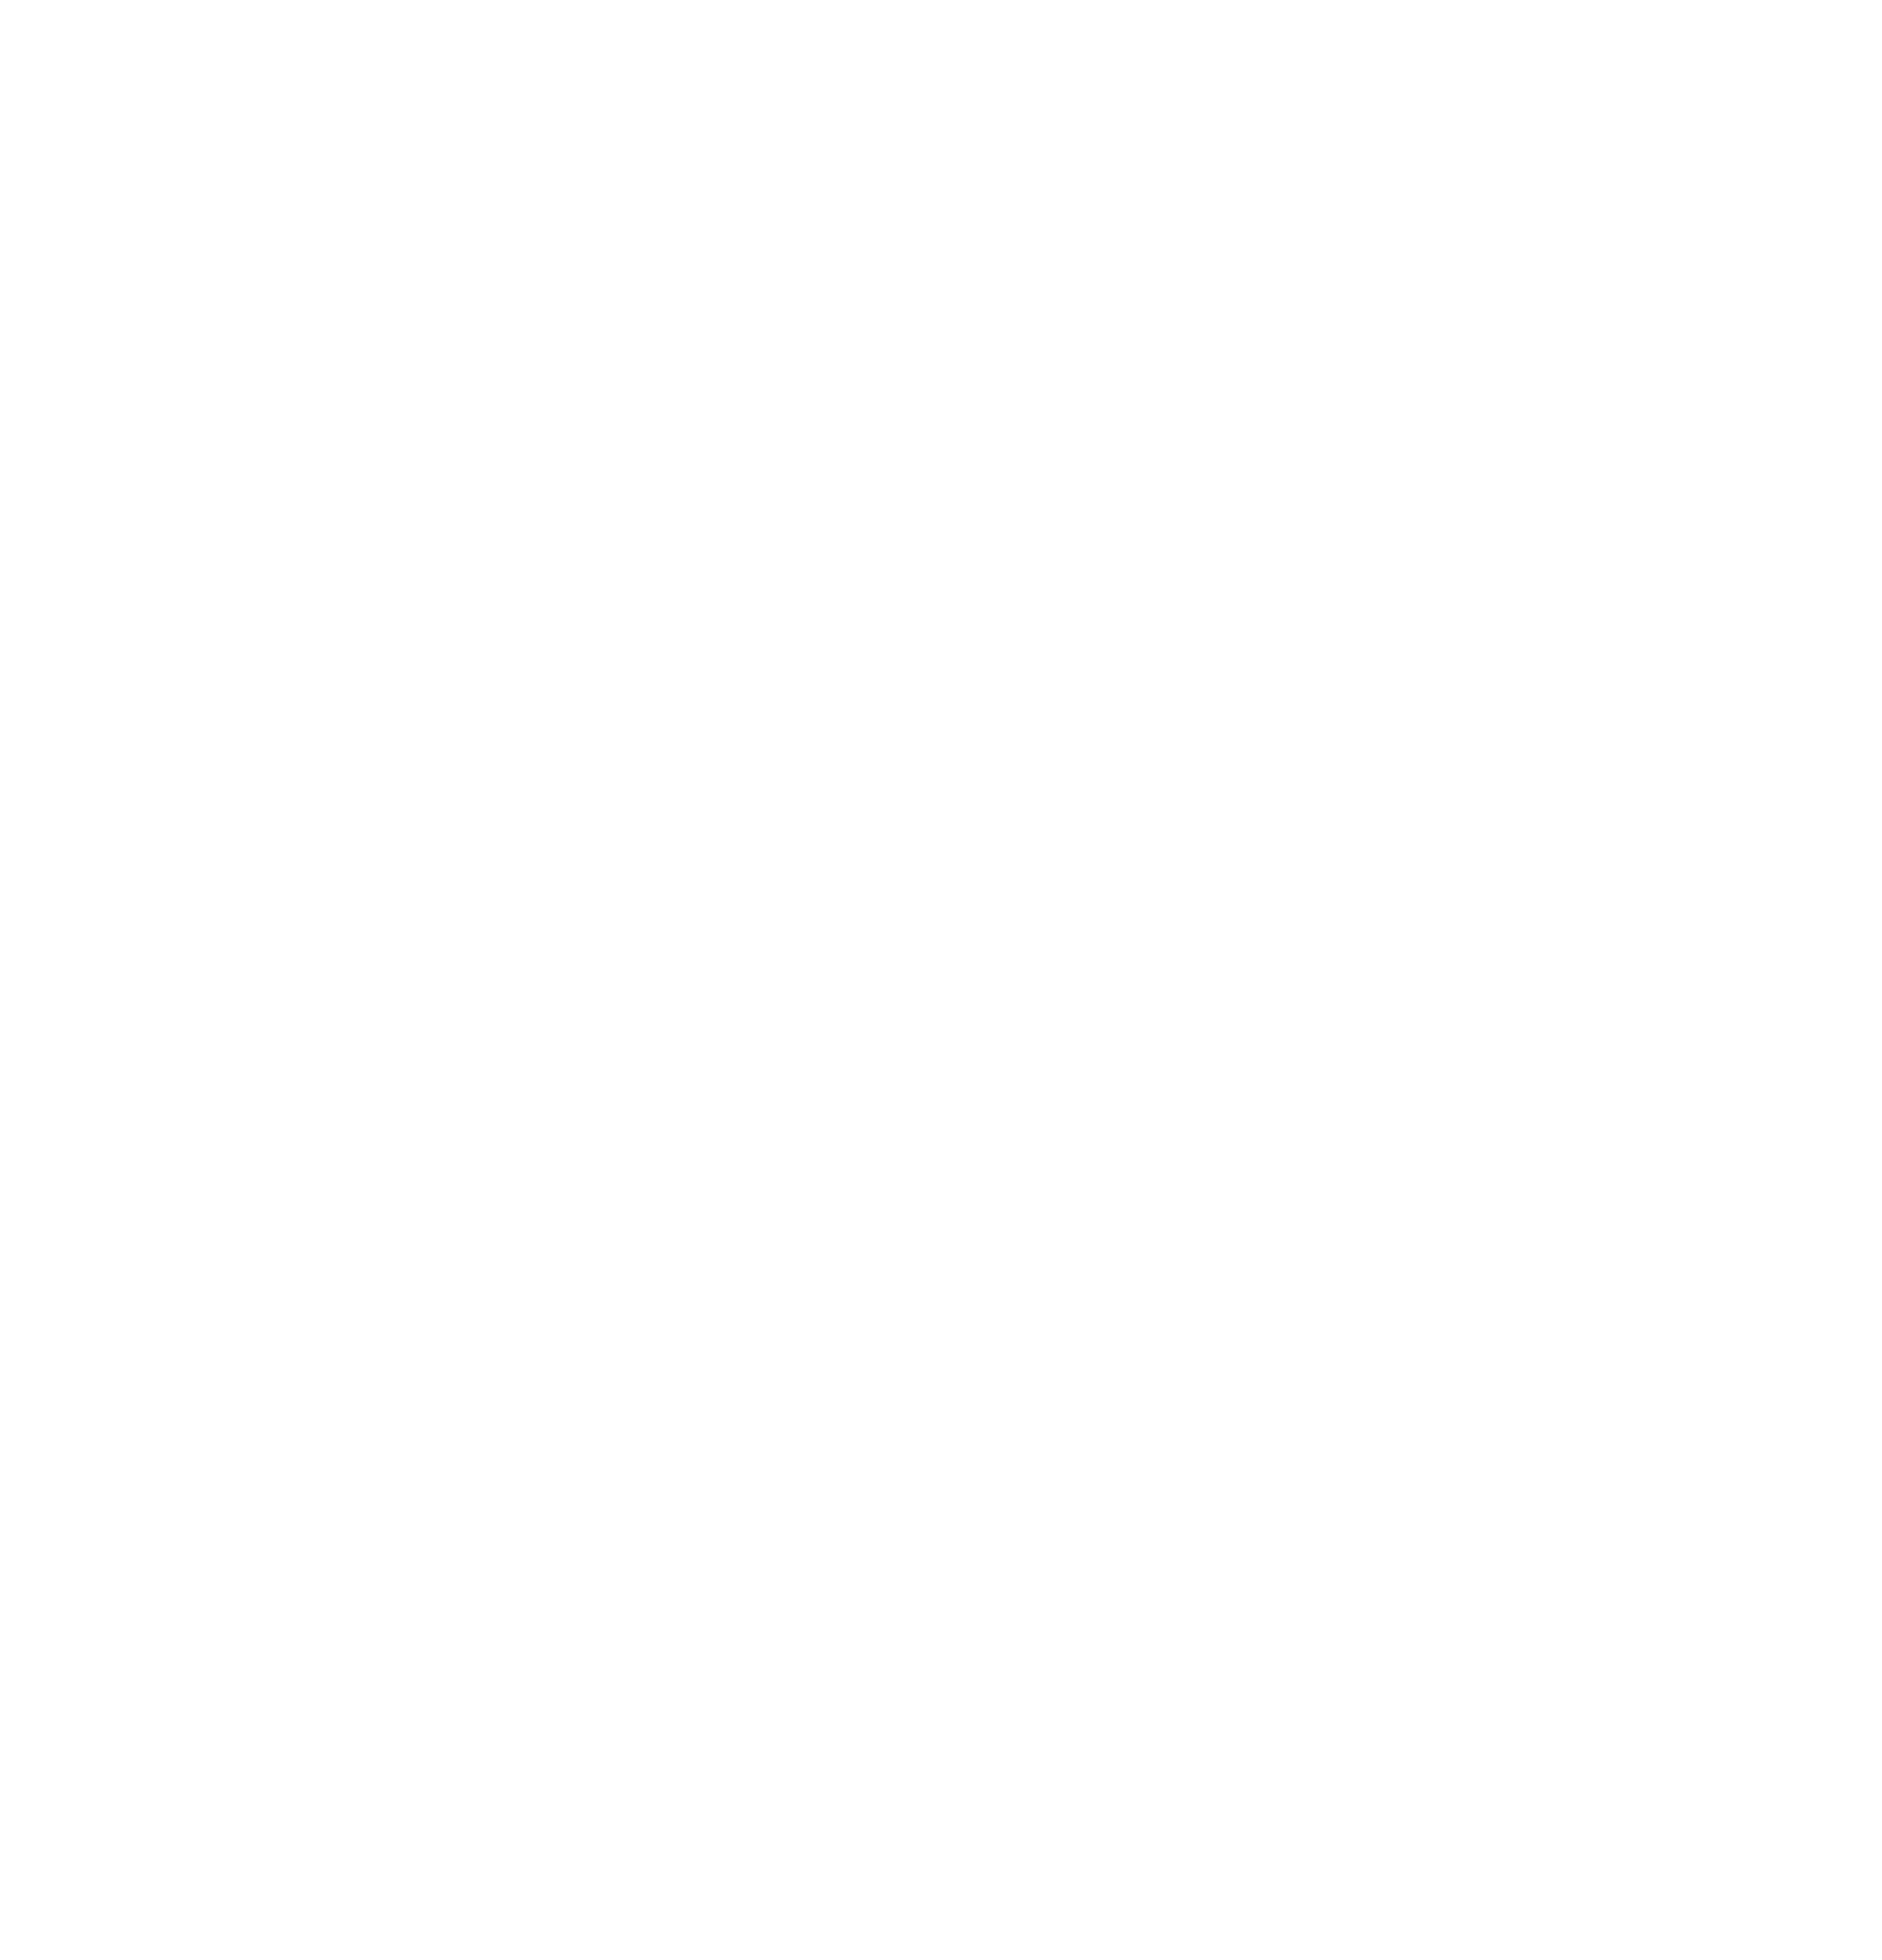 1920x2000_hintergrund_transparent